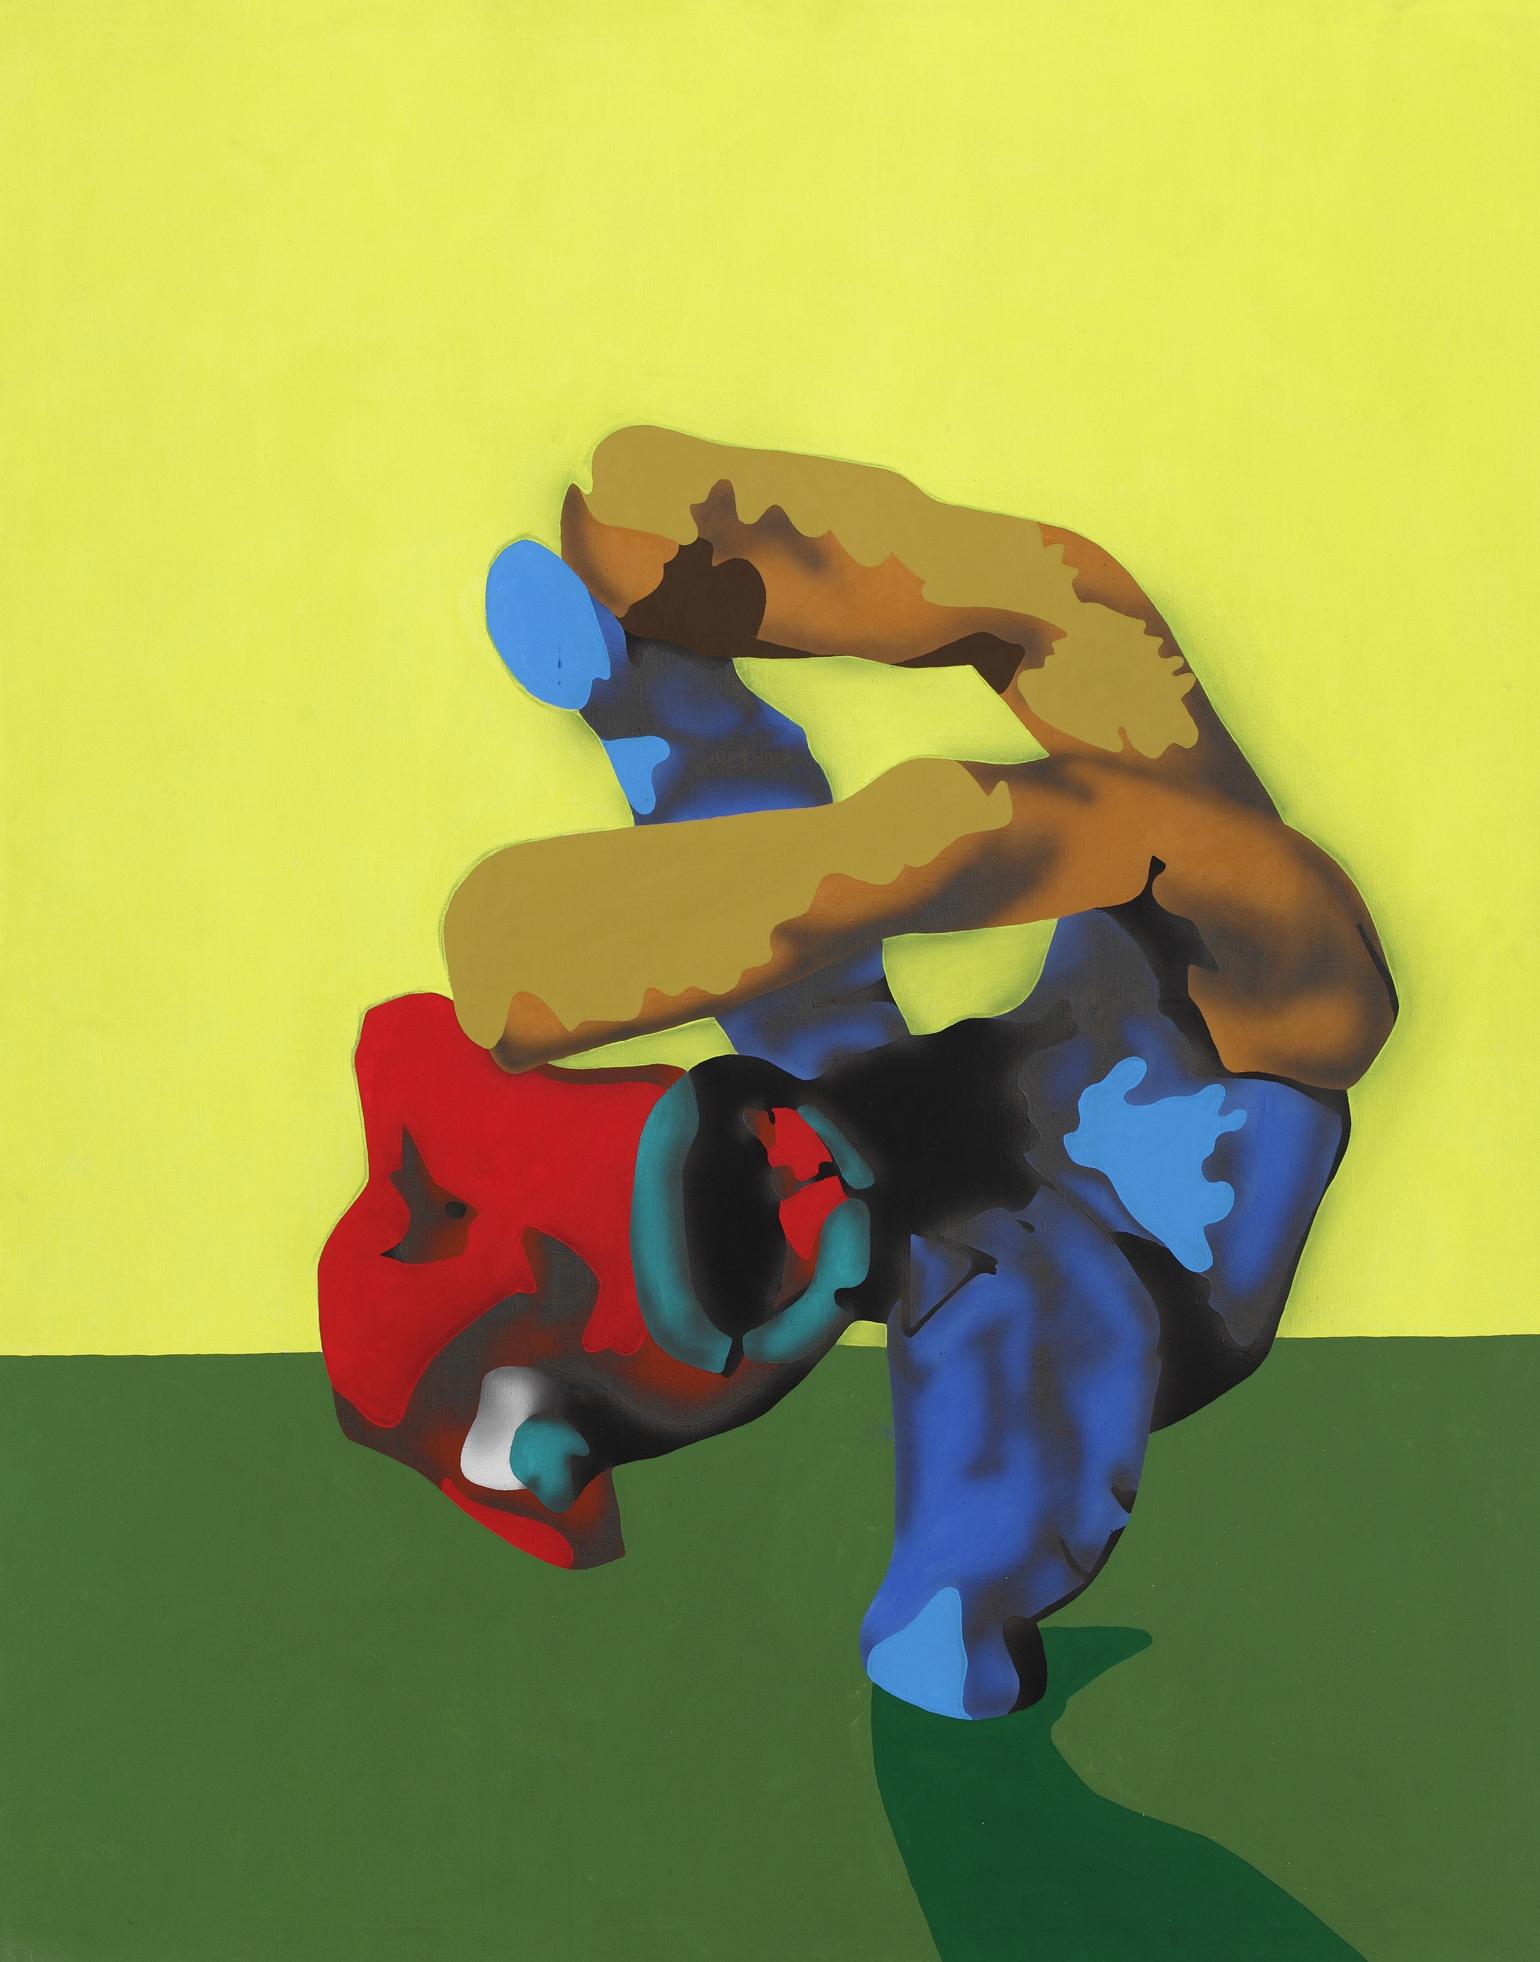 Freez III. 2003, acrylic on canvas, 165 x 130 cm